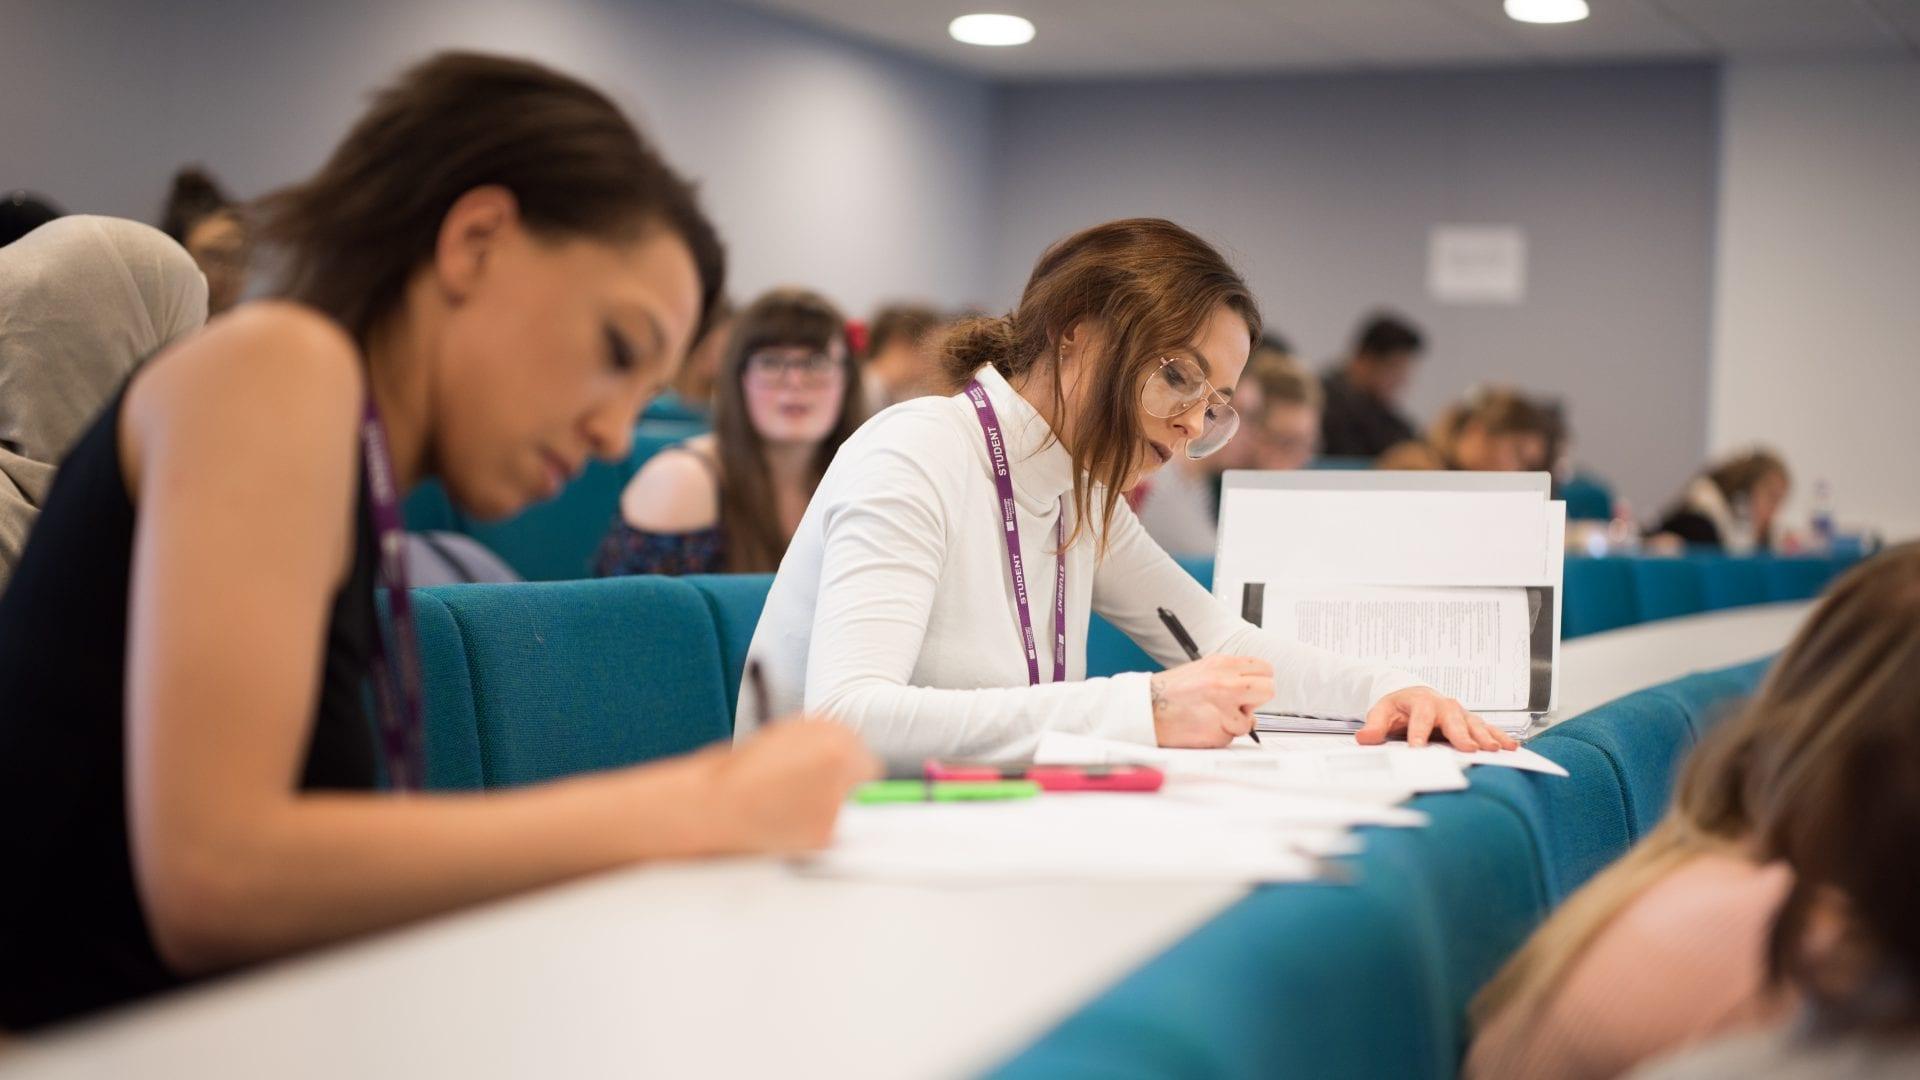 Từ vựng IELTS Writing là một nhân tố quan trọng giúp bạn nâng điểm trong bài thi viết